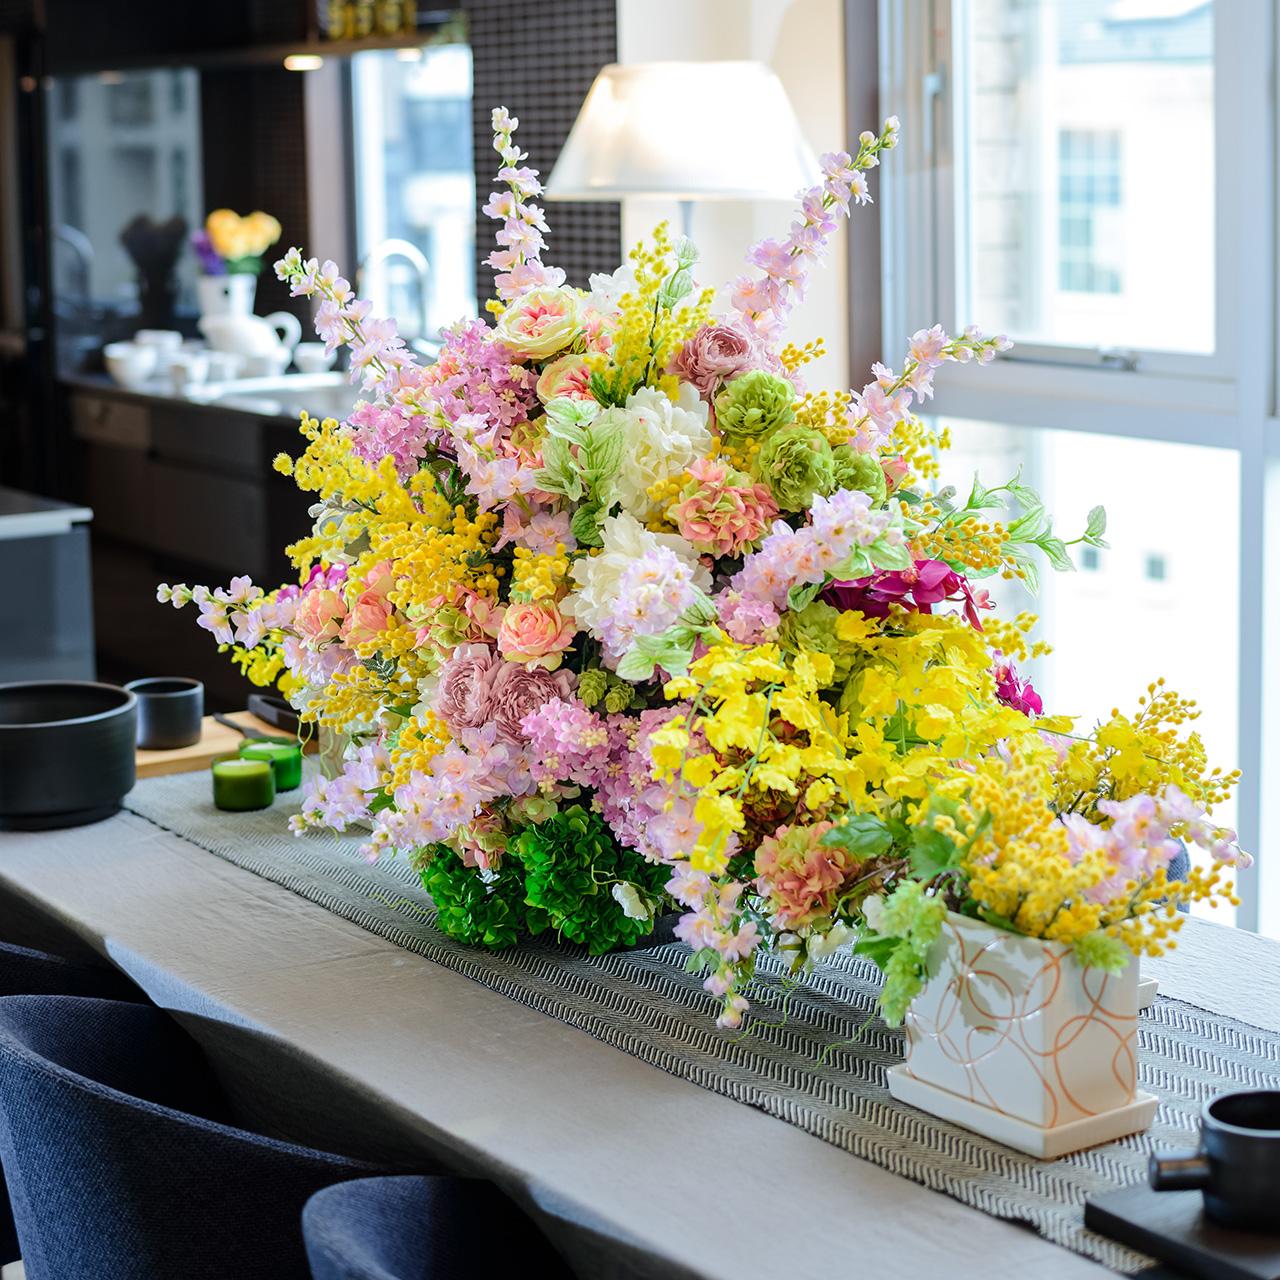 【無料モニター】プロの手でお部屋が変身!バレンタインにグリーンやお花で、お部屋を彩りませんか☆